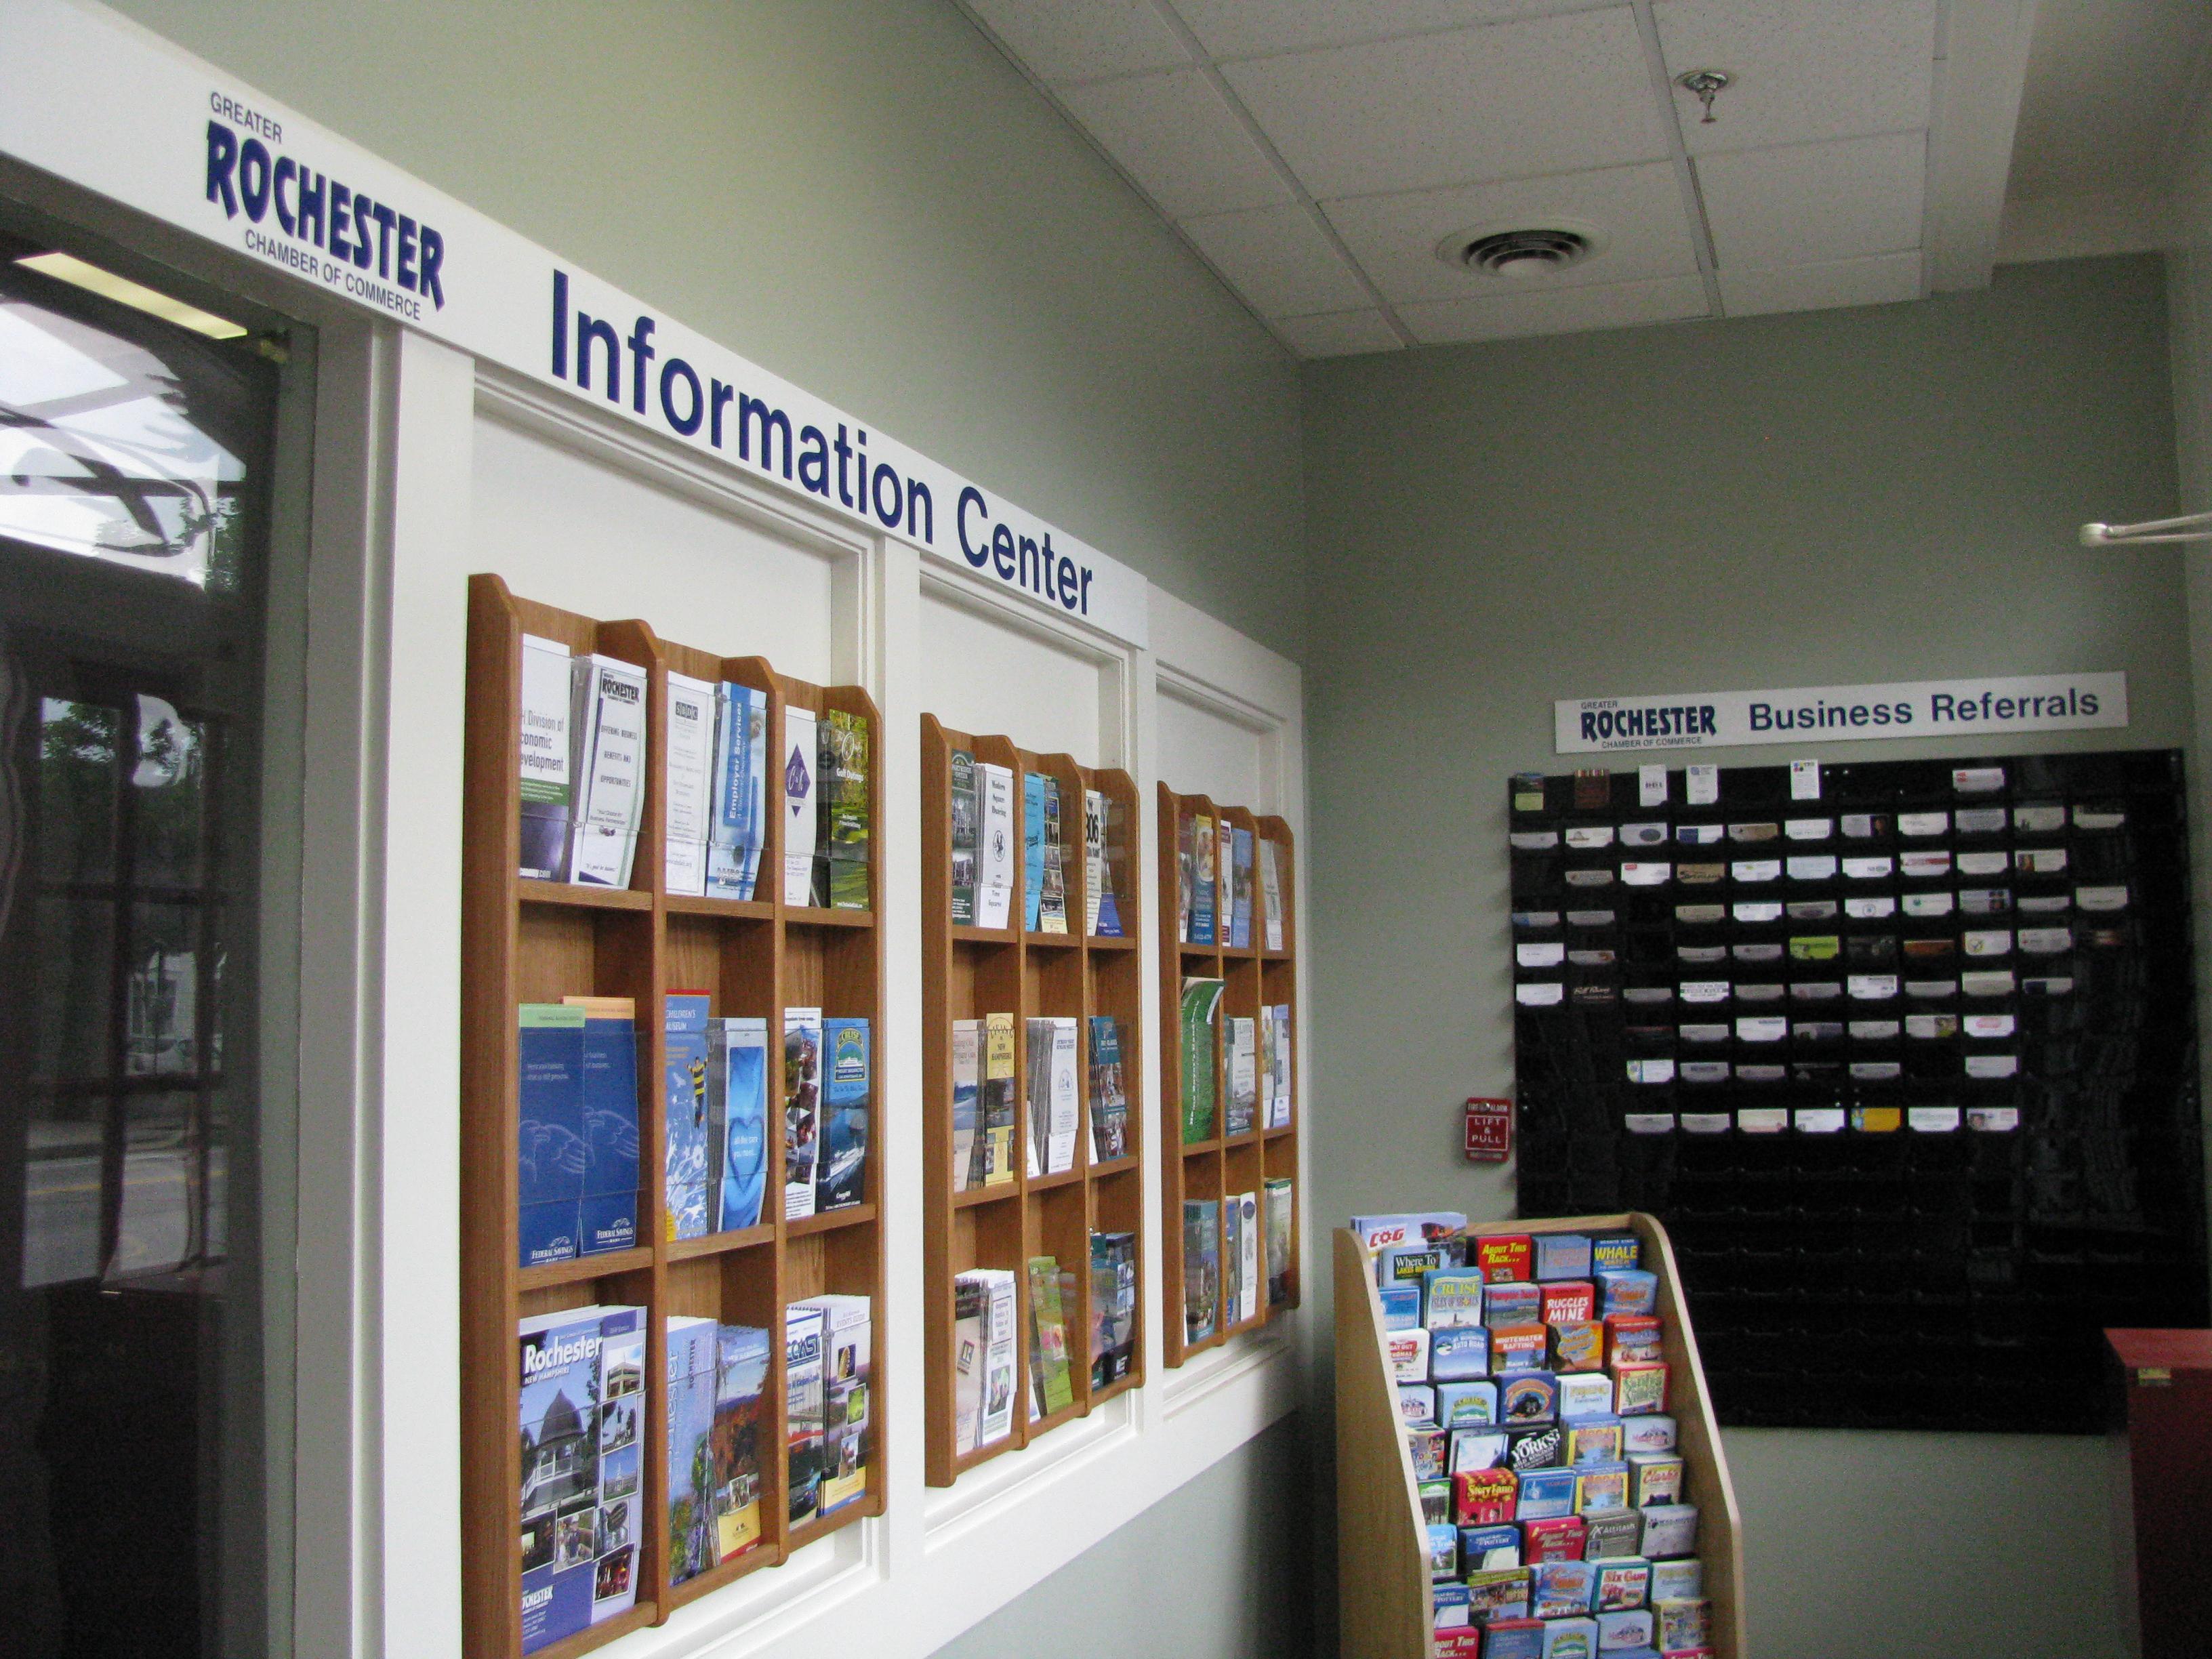 Information Center photo